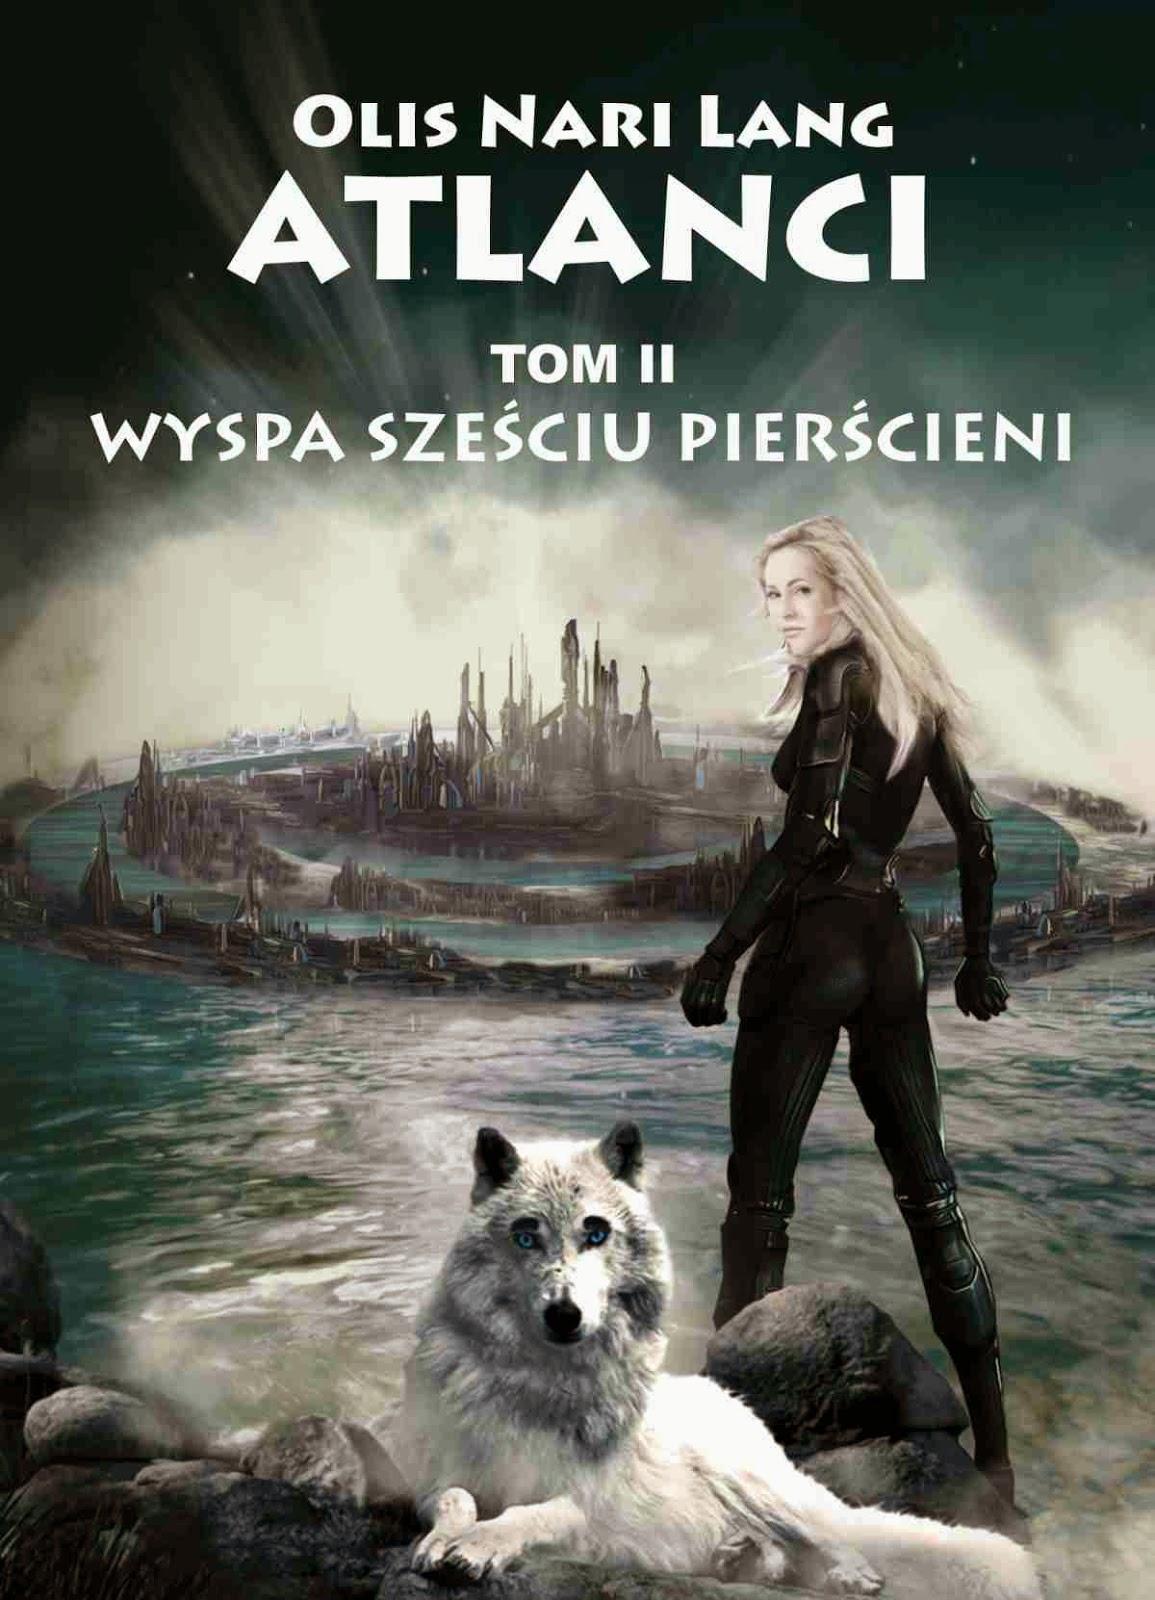 http://wydawnictwoazyl.pl/katalog/ksiazki/atlanci-tom-ii-wyspa-szesciu-pierscieni.html